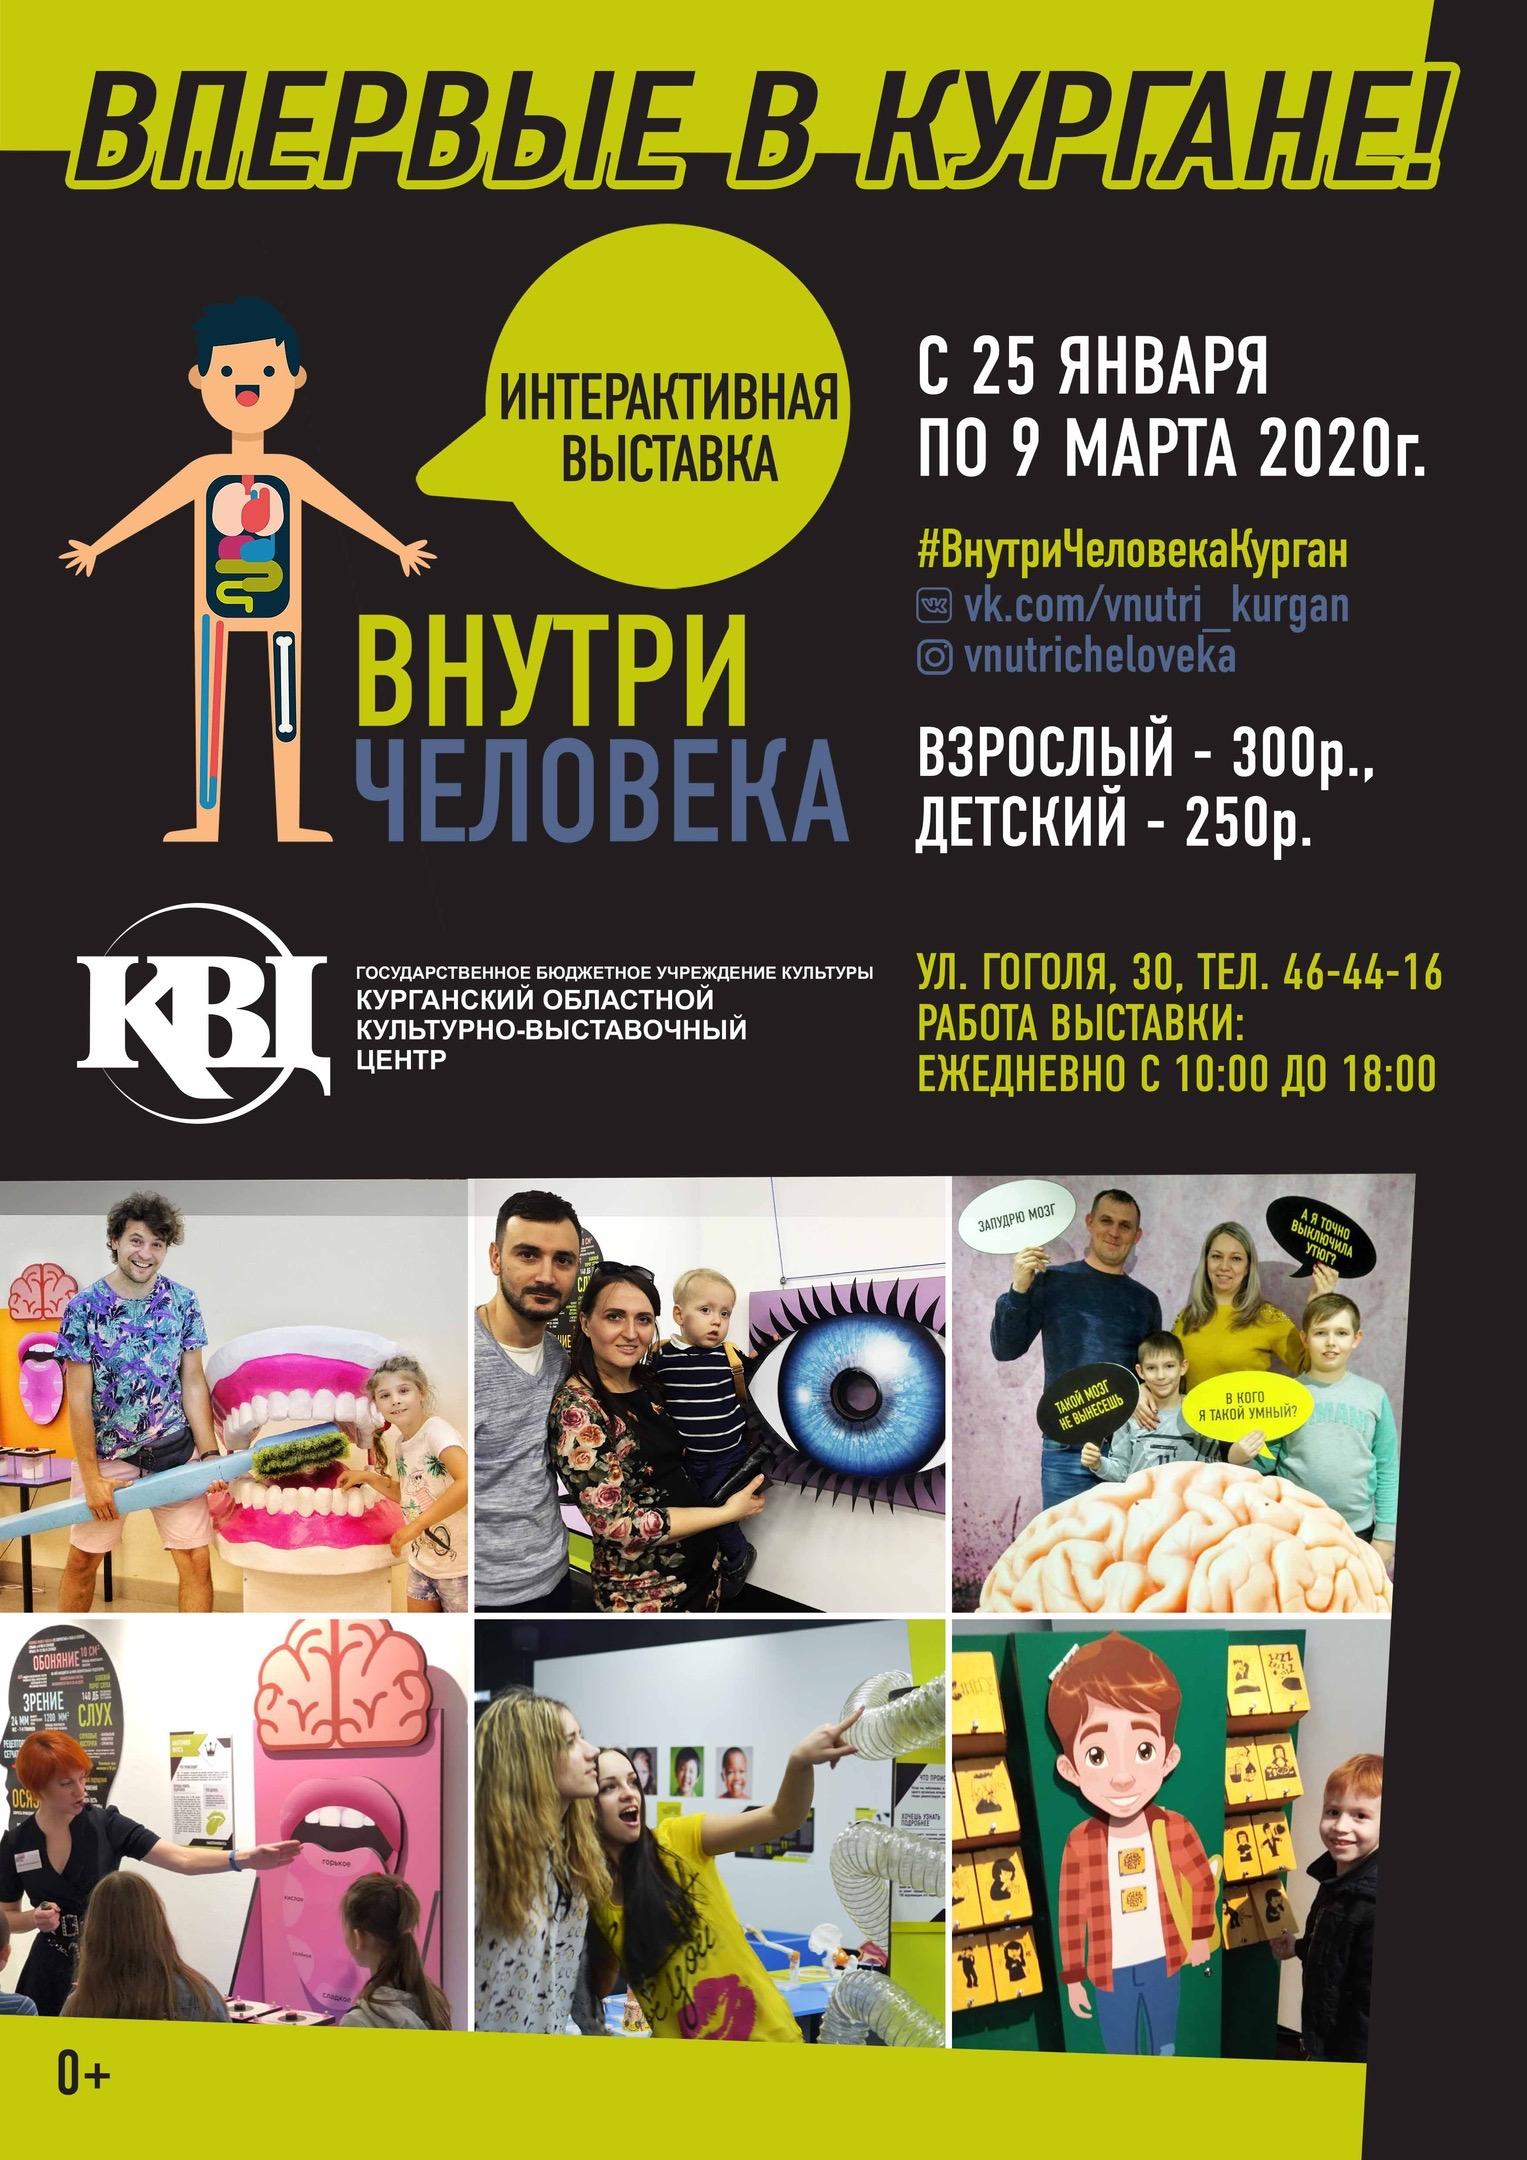 Областной культурно-выставочный центр Интерактивная выставка «ВНУТРИ ЧЕЛОВЕКА» курган афиша расписание